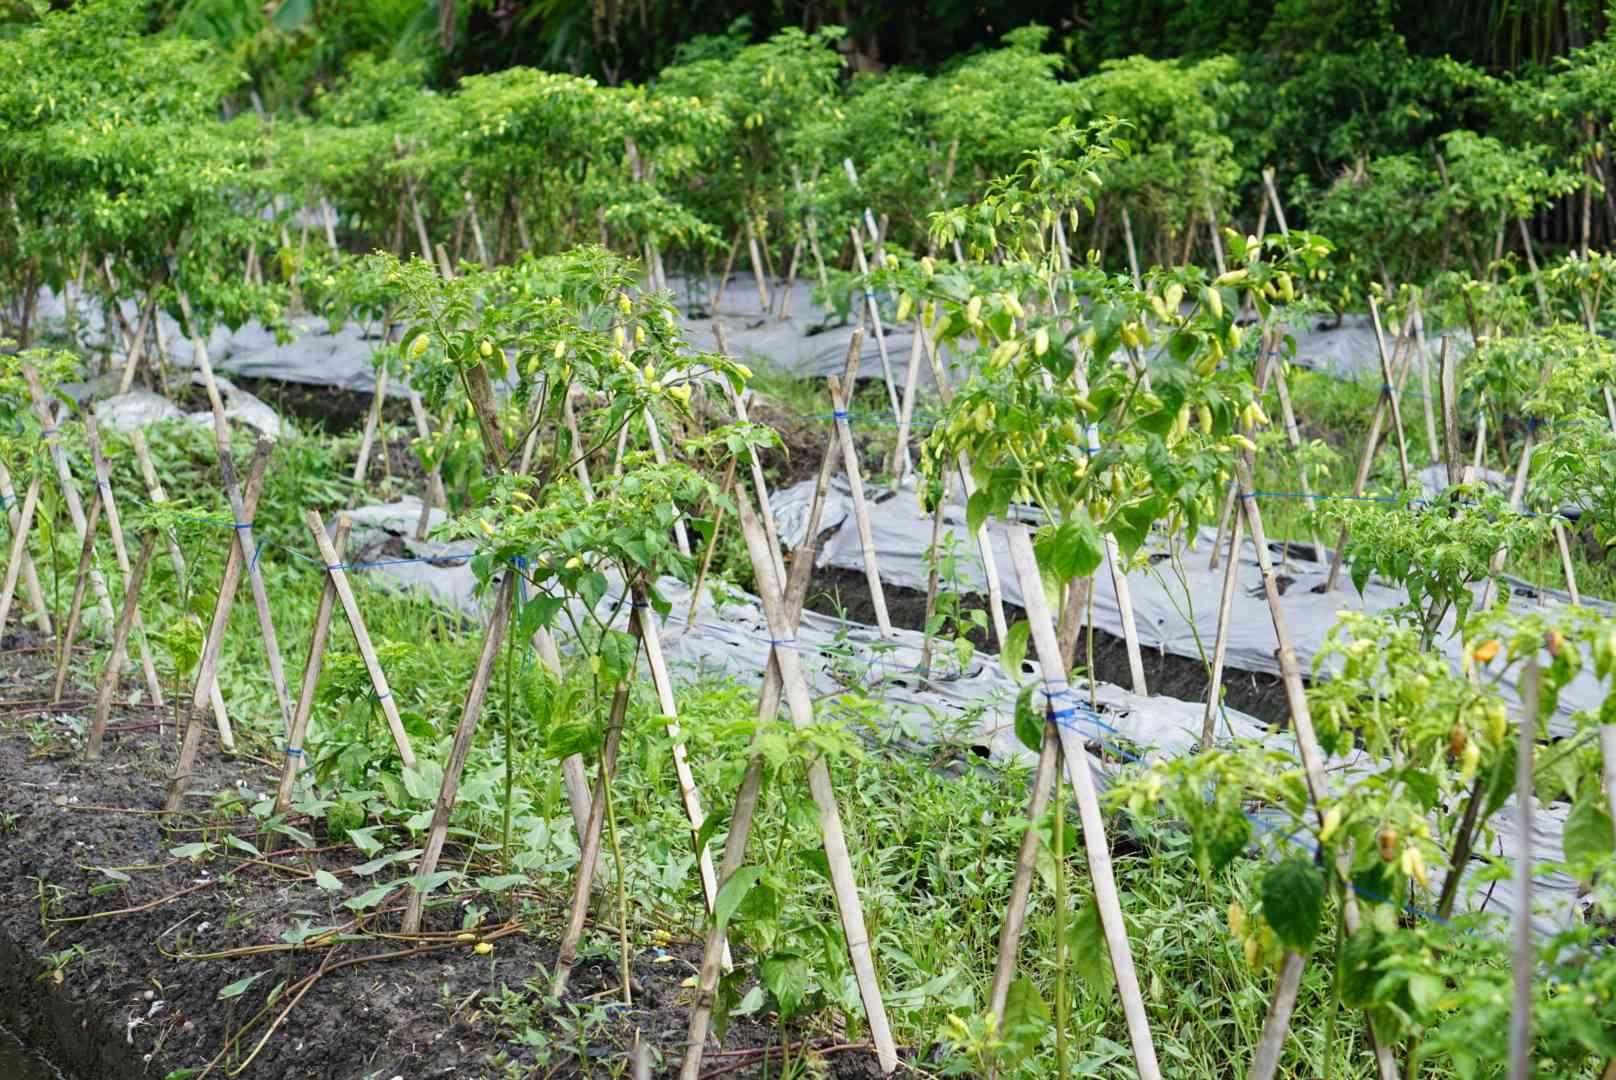 Wooden cross posts holding up plants in vegetable garden